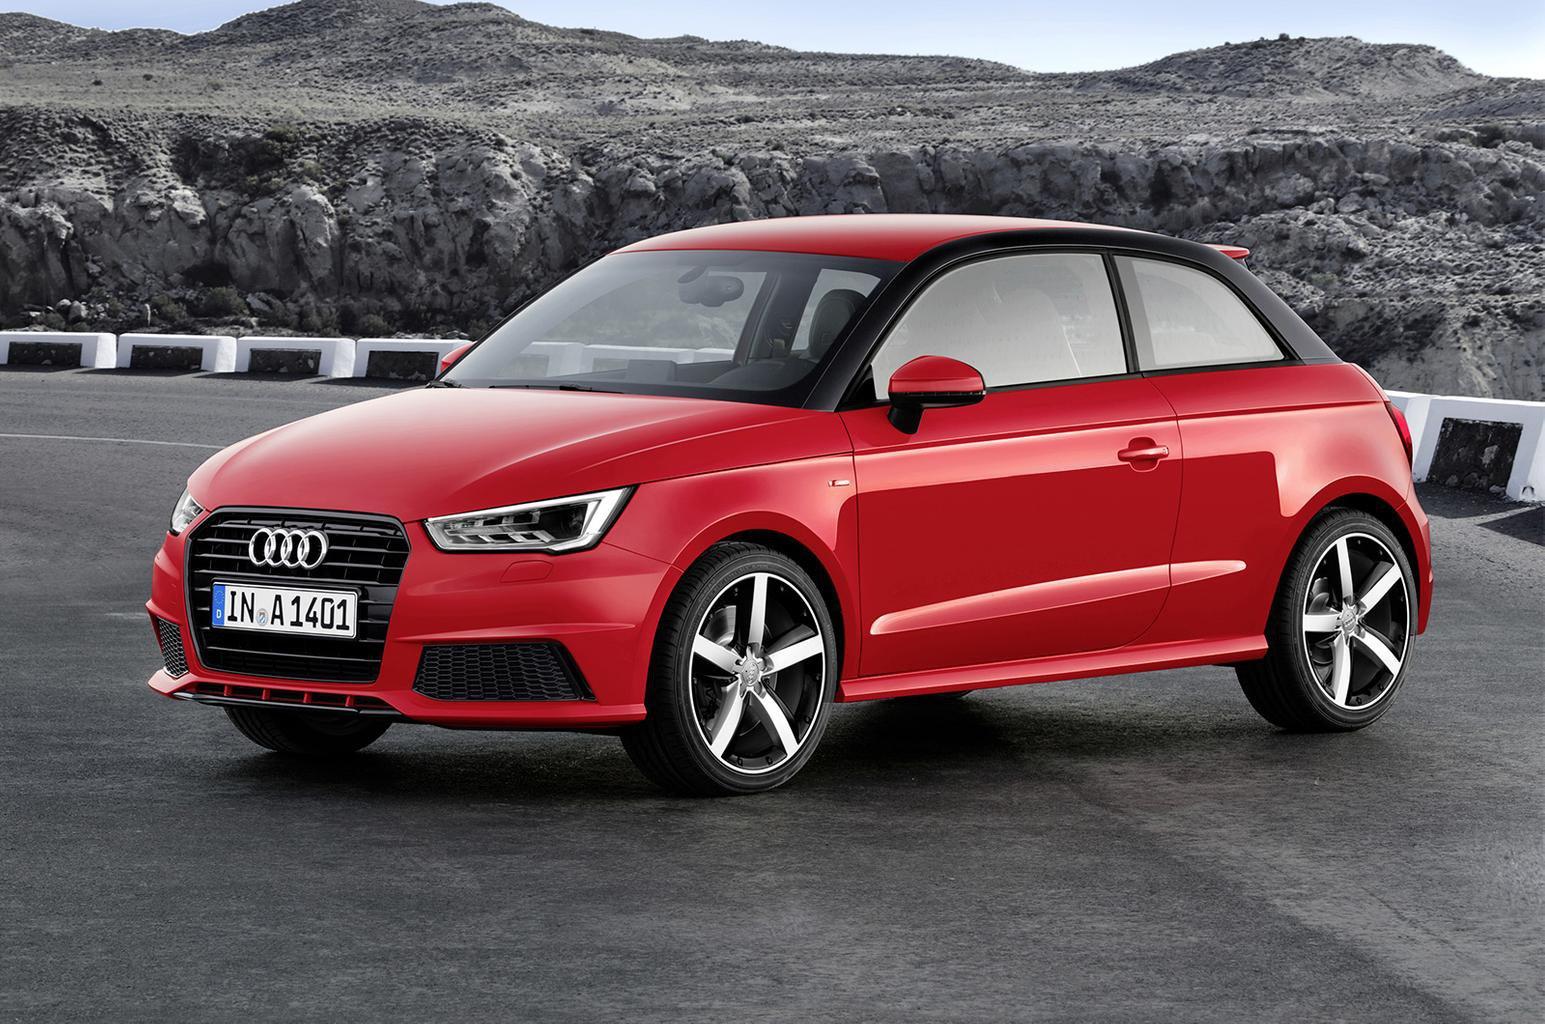 Audi A1 3dr